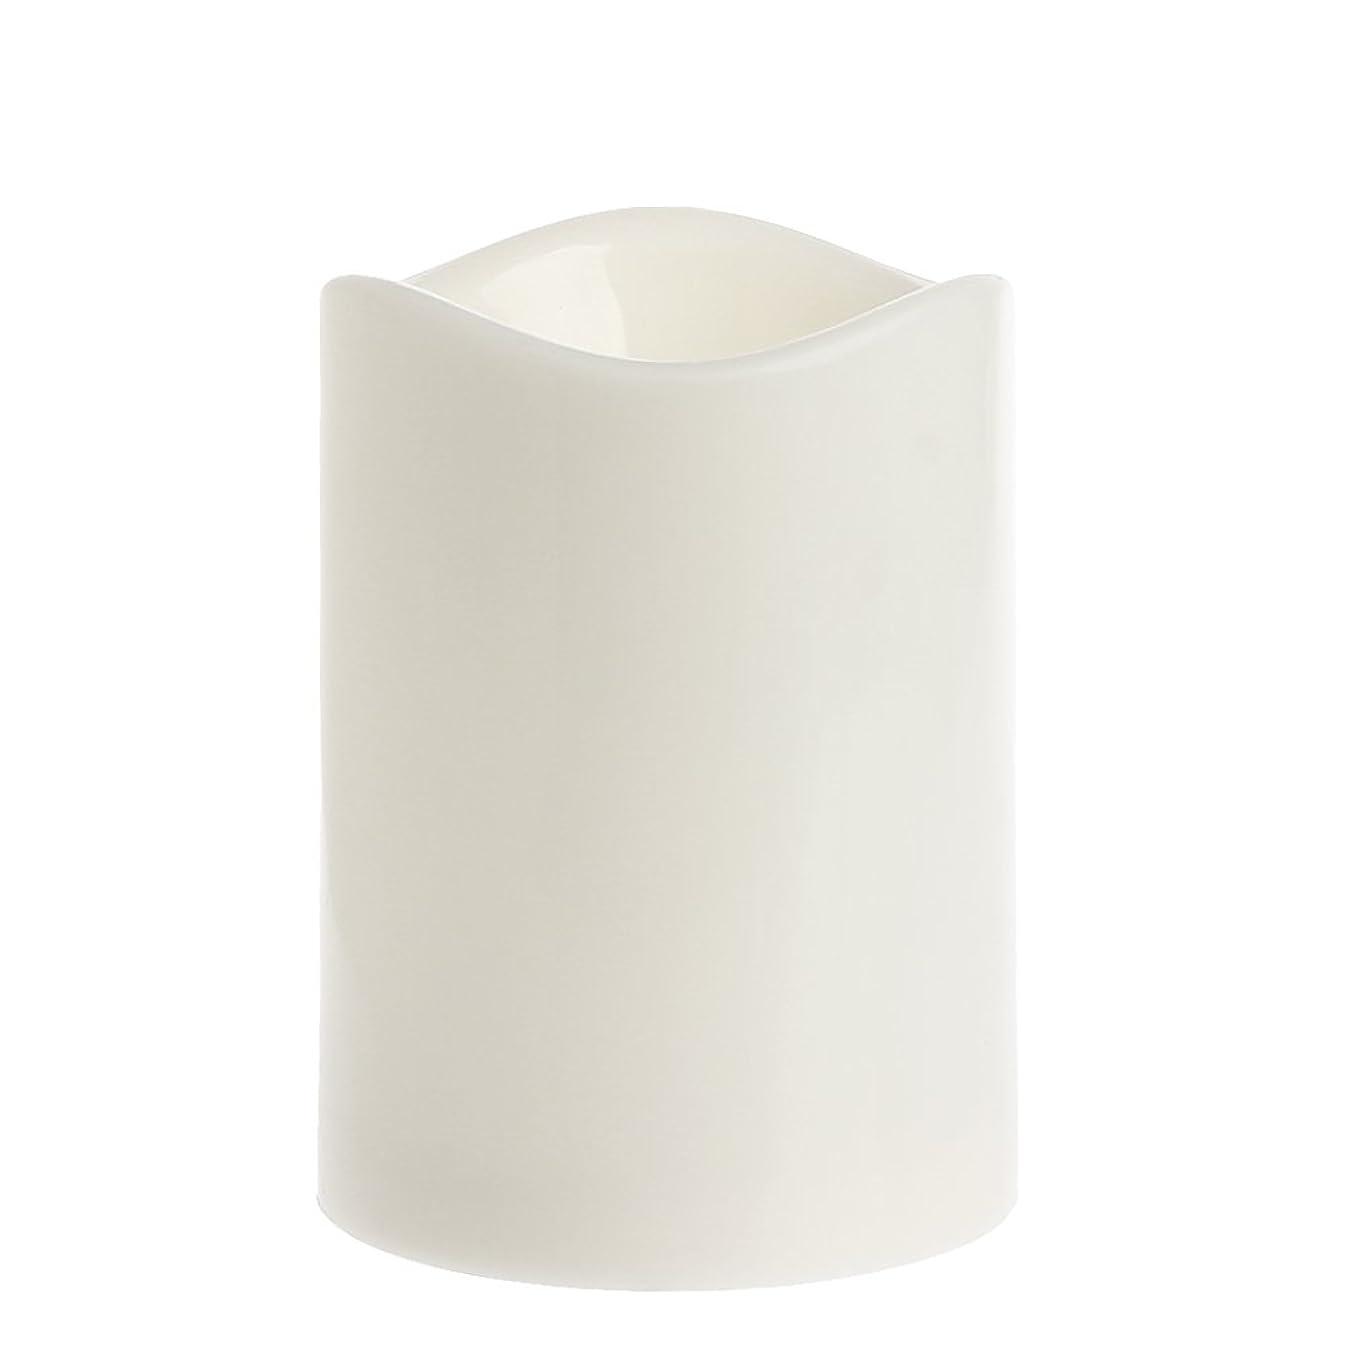 きゅうり六宿泊施設SimpleLifeロマンチックFlameless LED電子キャンドルライトウェディング香りワックスホームインテリア